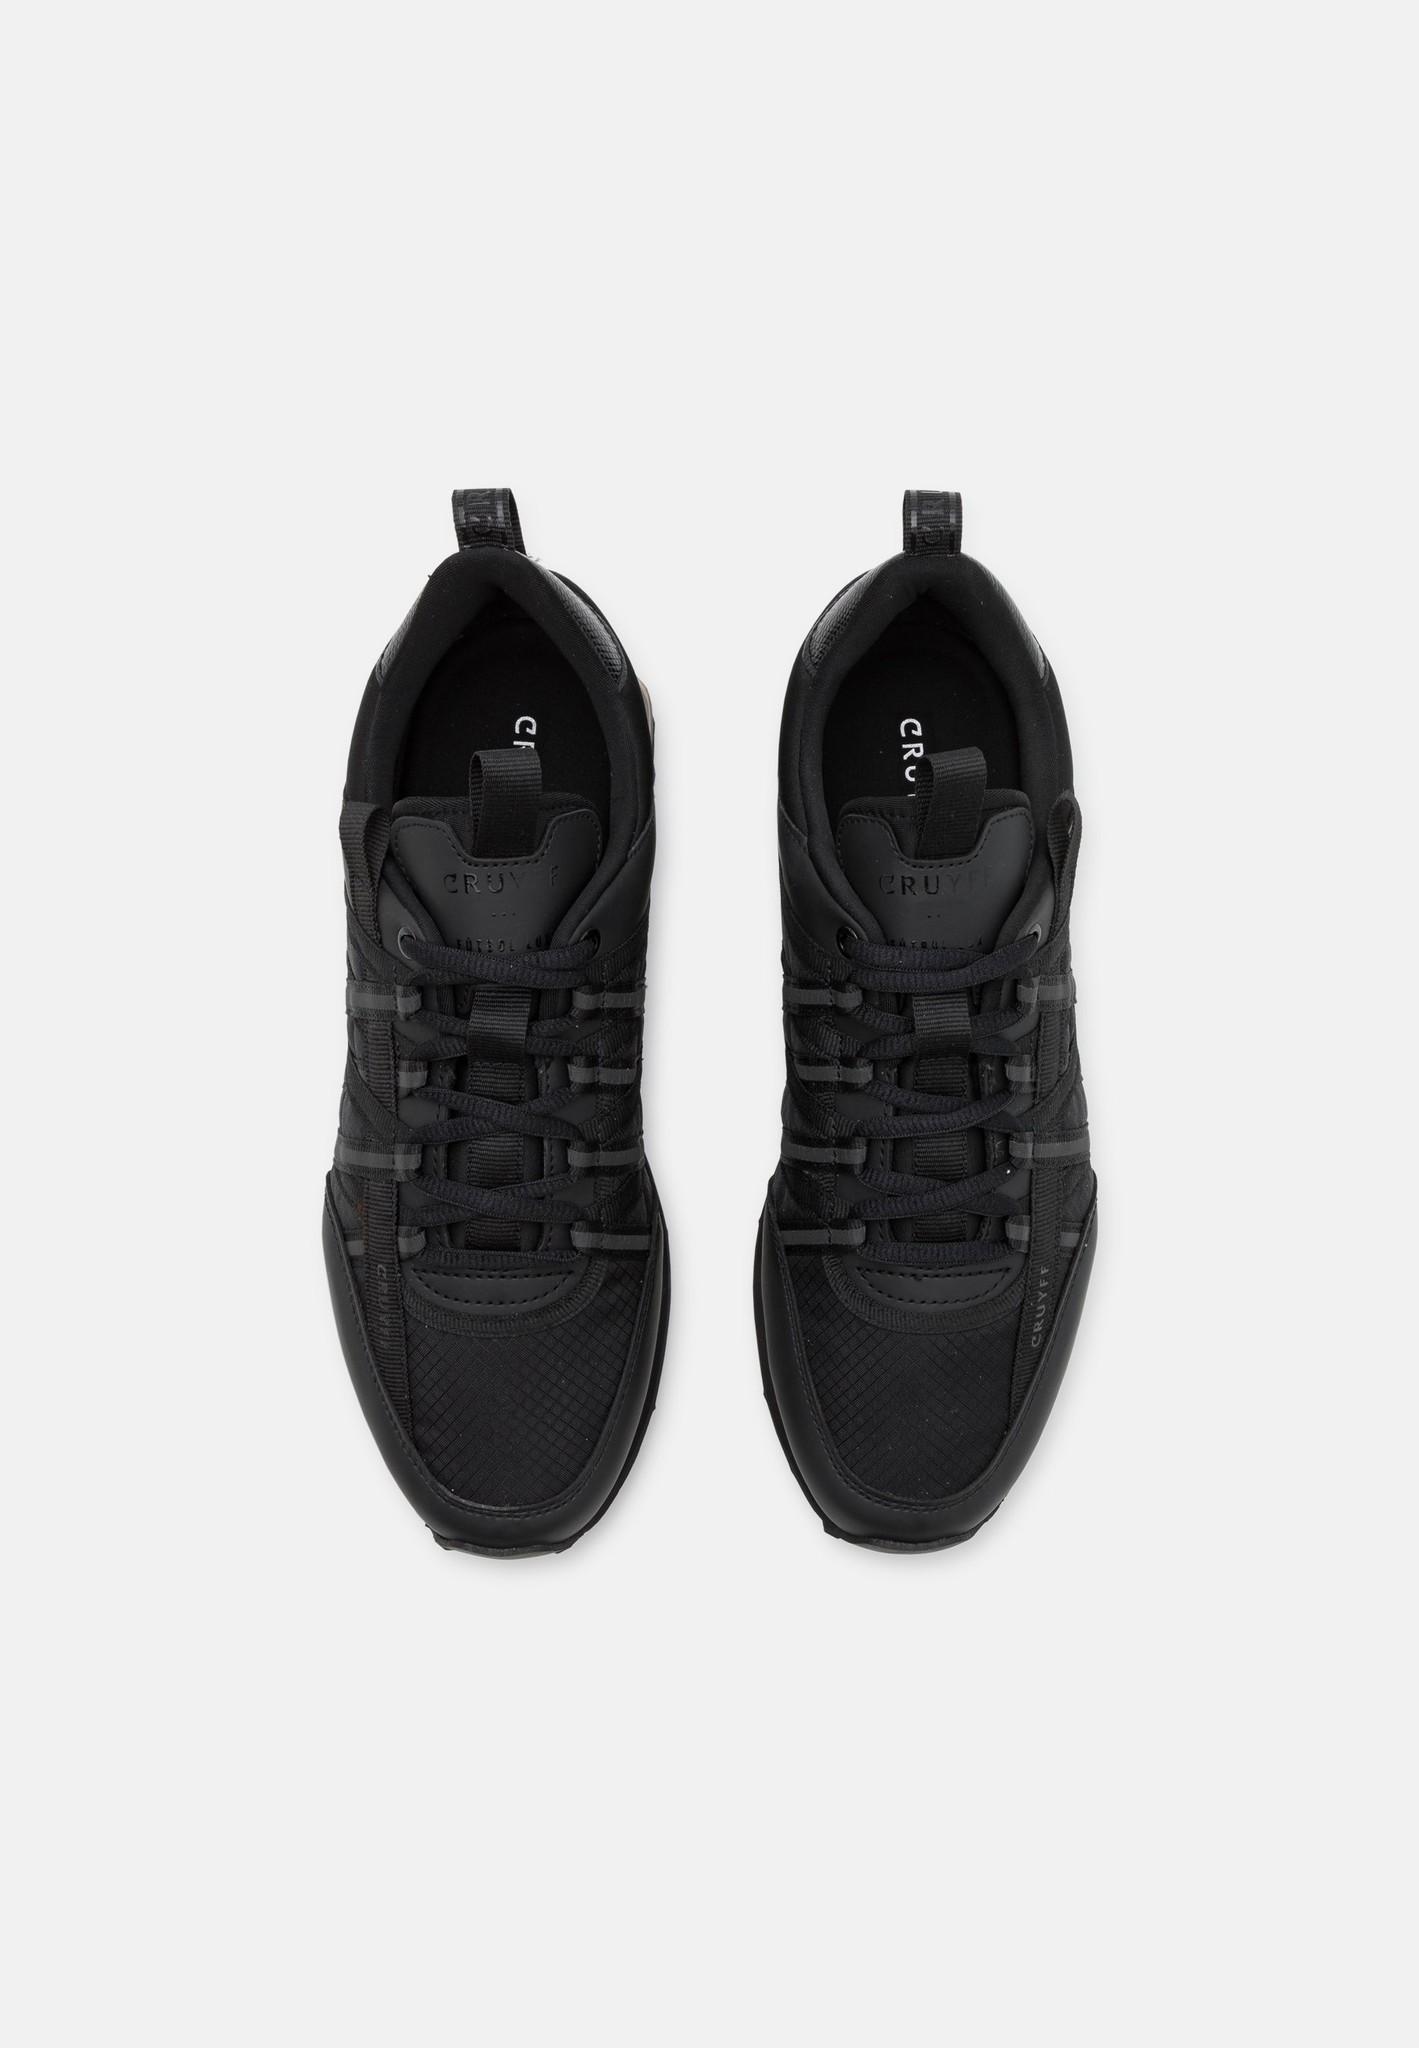 Fearia cruyff black-4